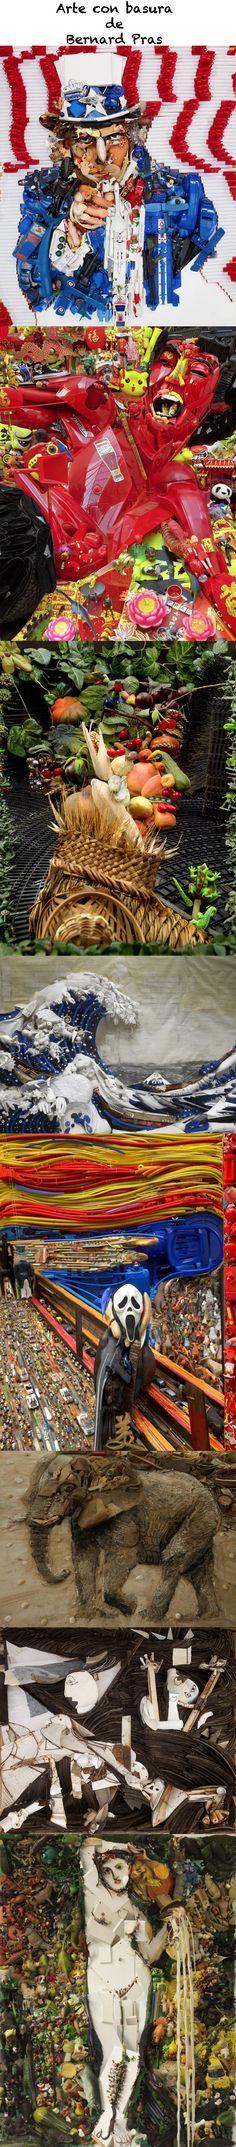 El Arte con Basura de Bernard Pras